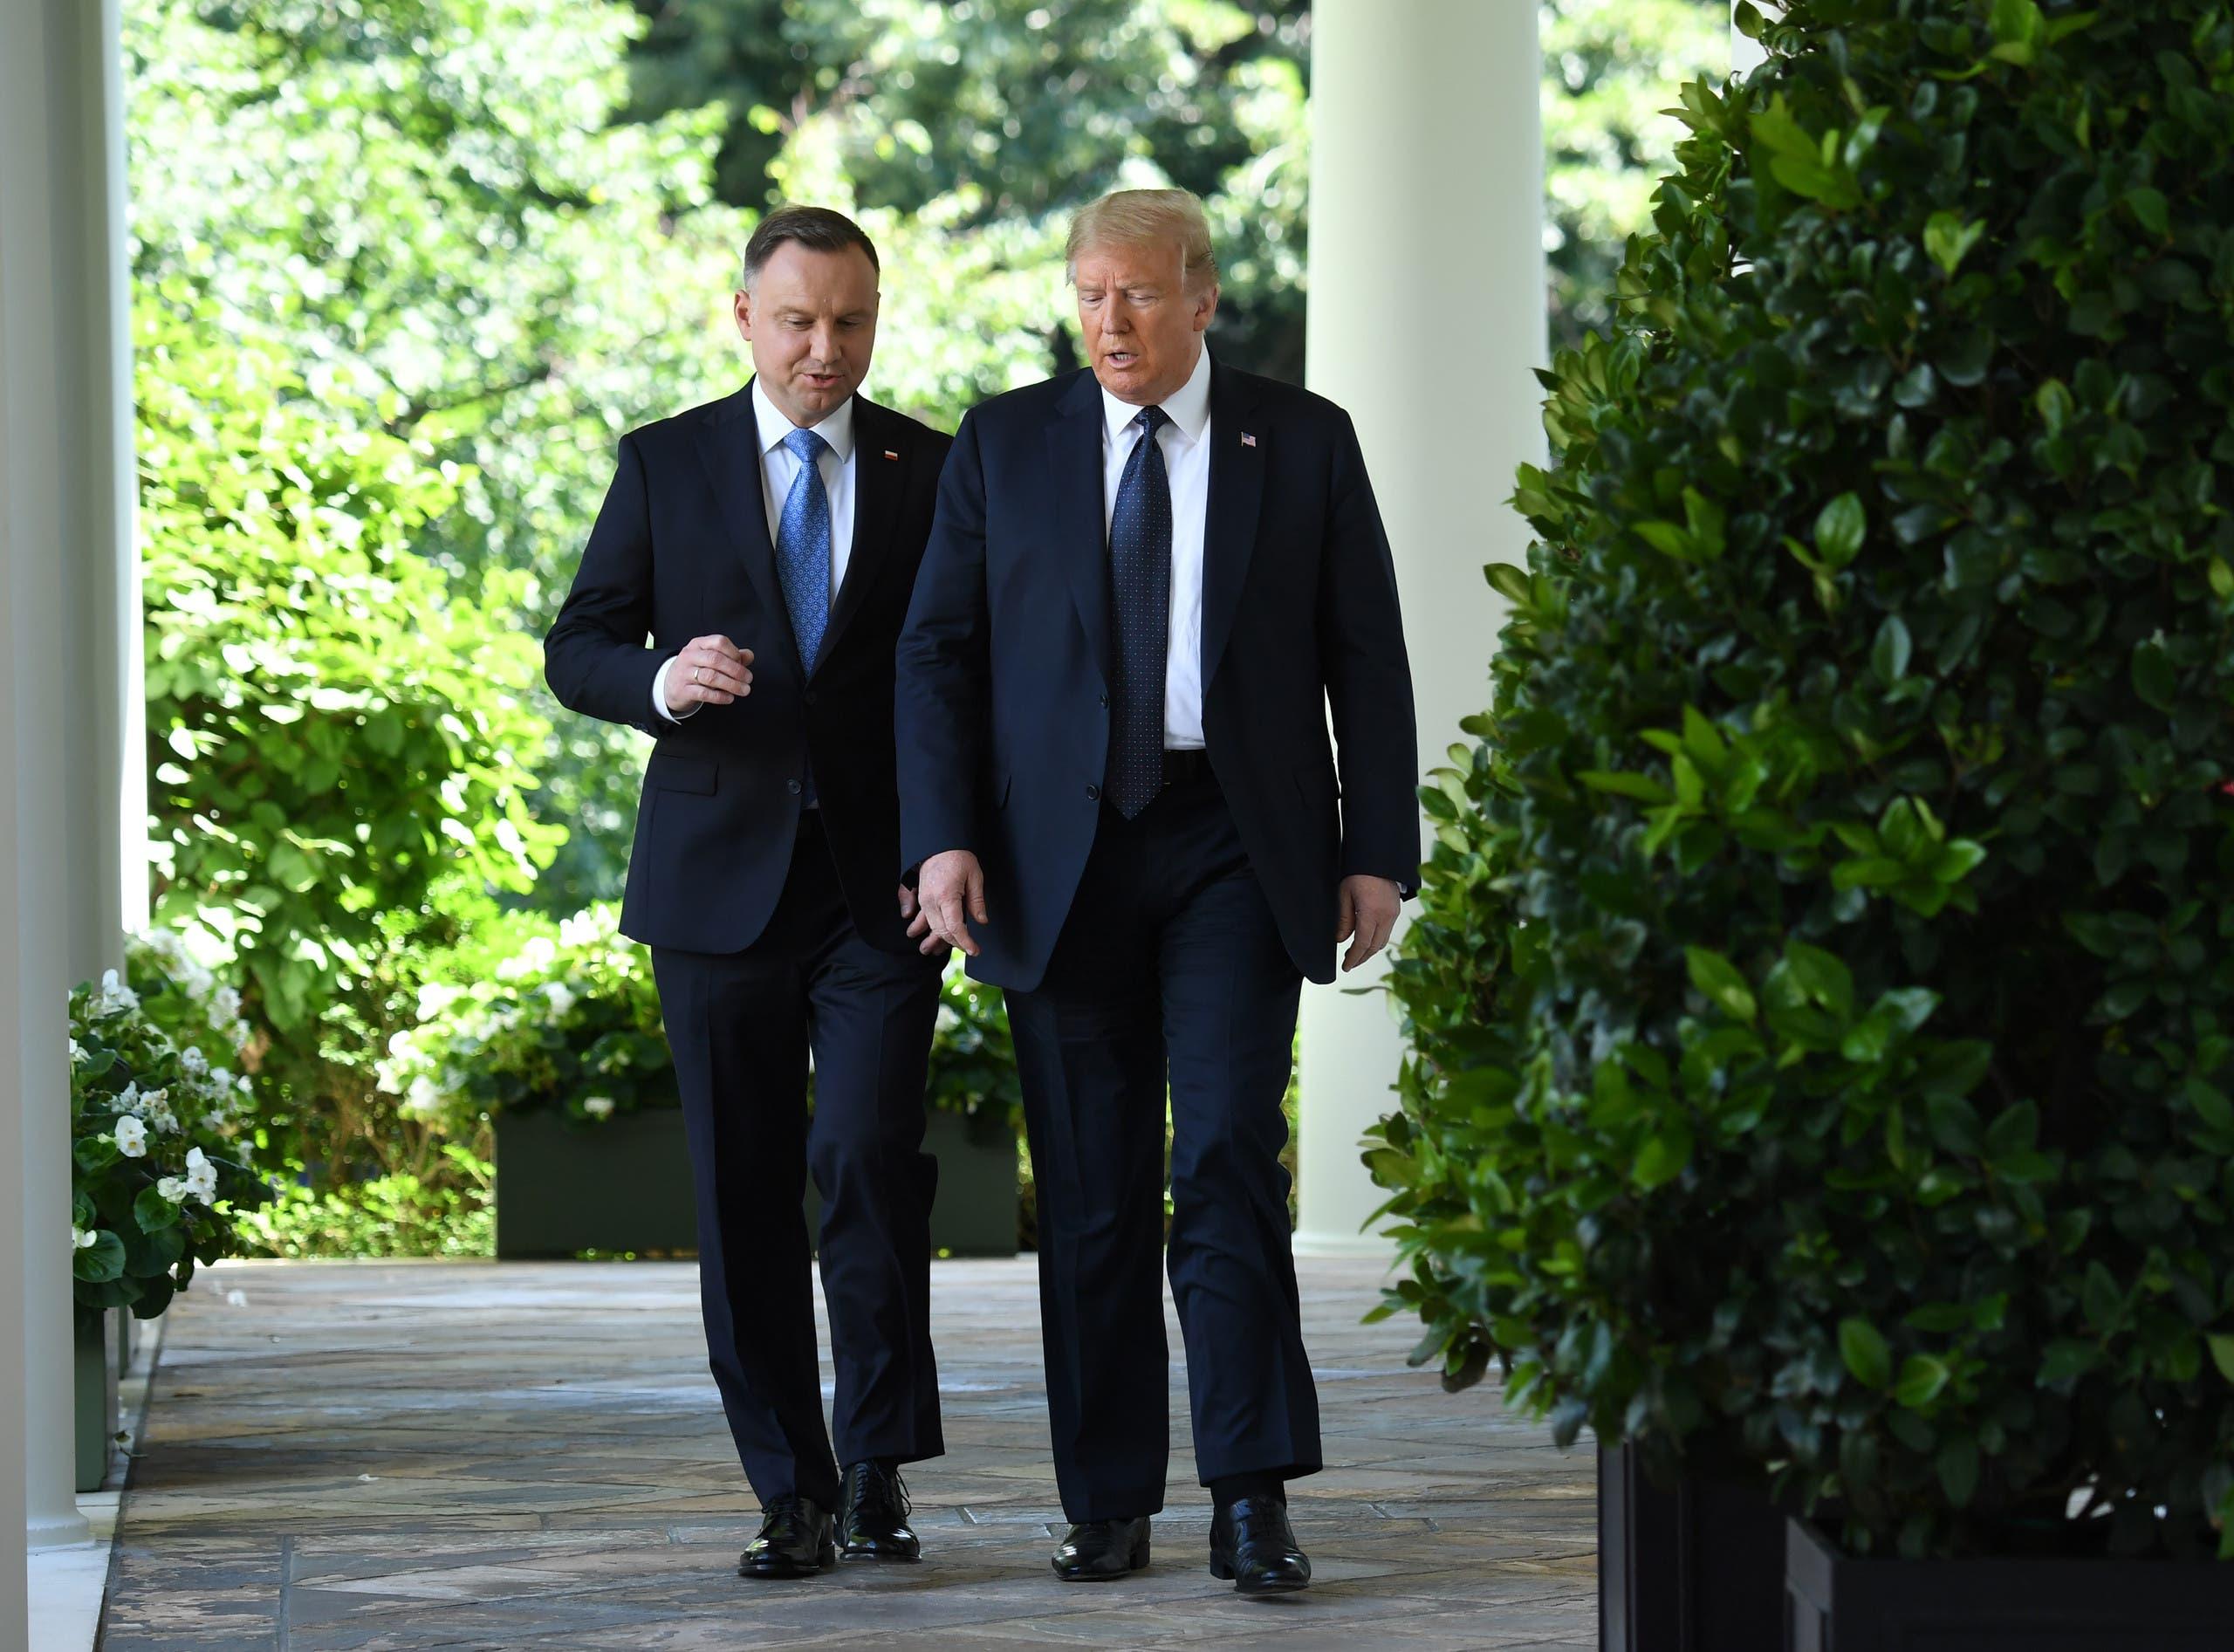 الرئيس الأميركي دونالد ترمب ونظيره البولندي أندريه دودا